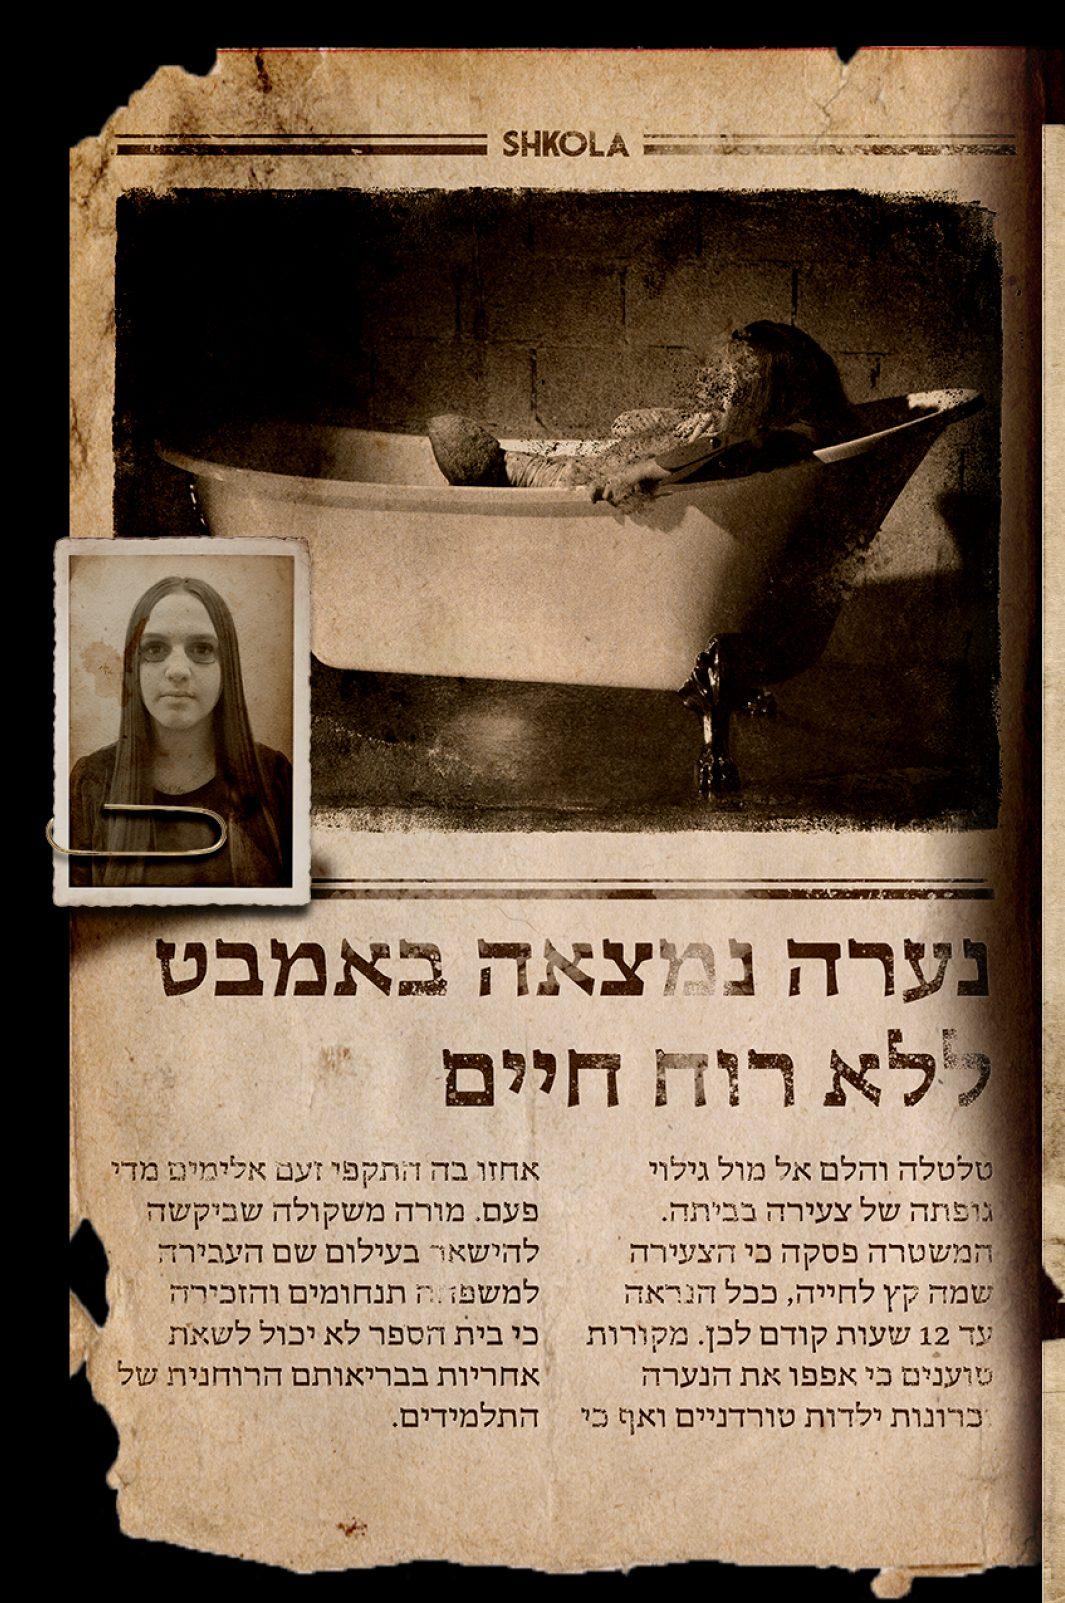 נערה נמצאה באמבט ללא רוח חיים